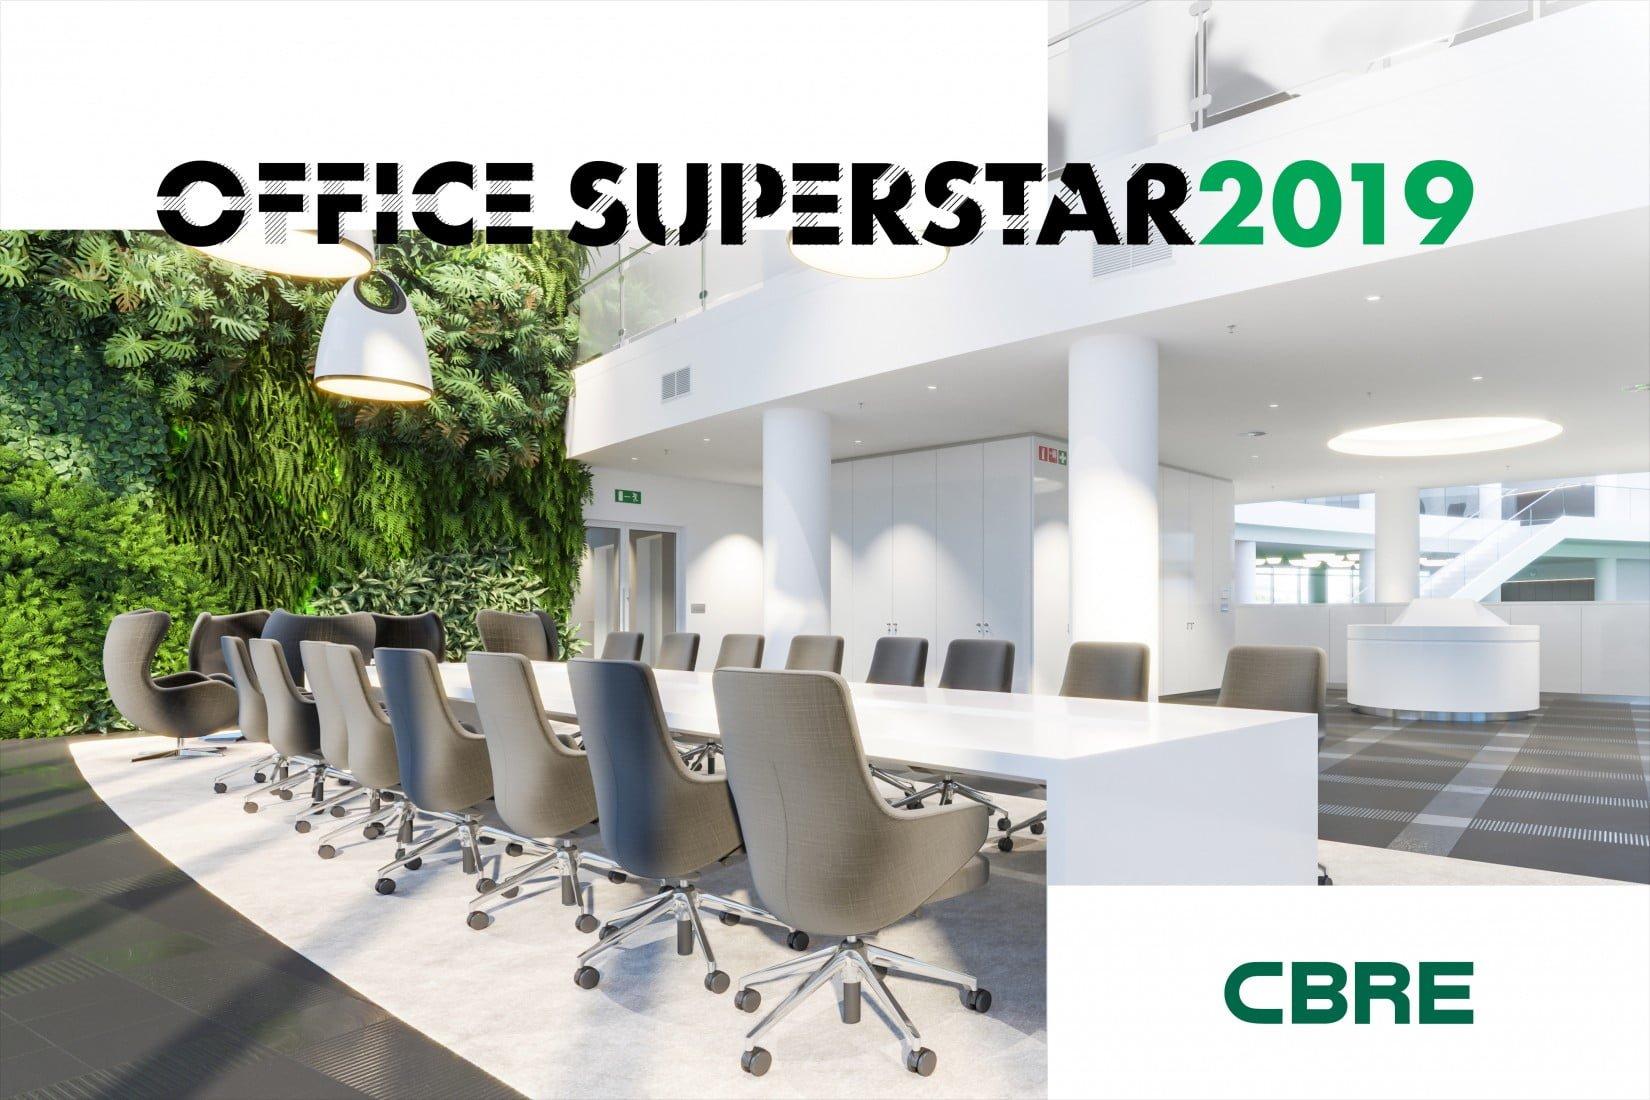 Sprawdź, czy masz najlepsze biuro w branży doradczej w Polsce! - konkurs CBRE